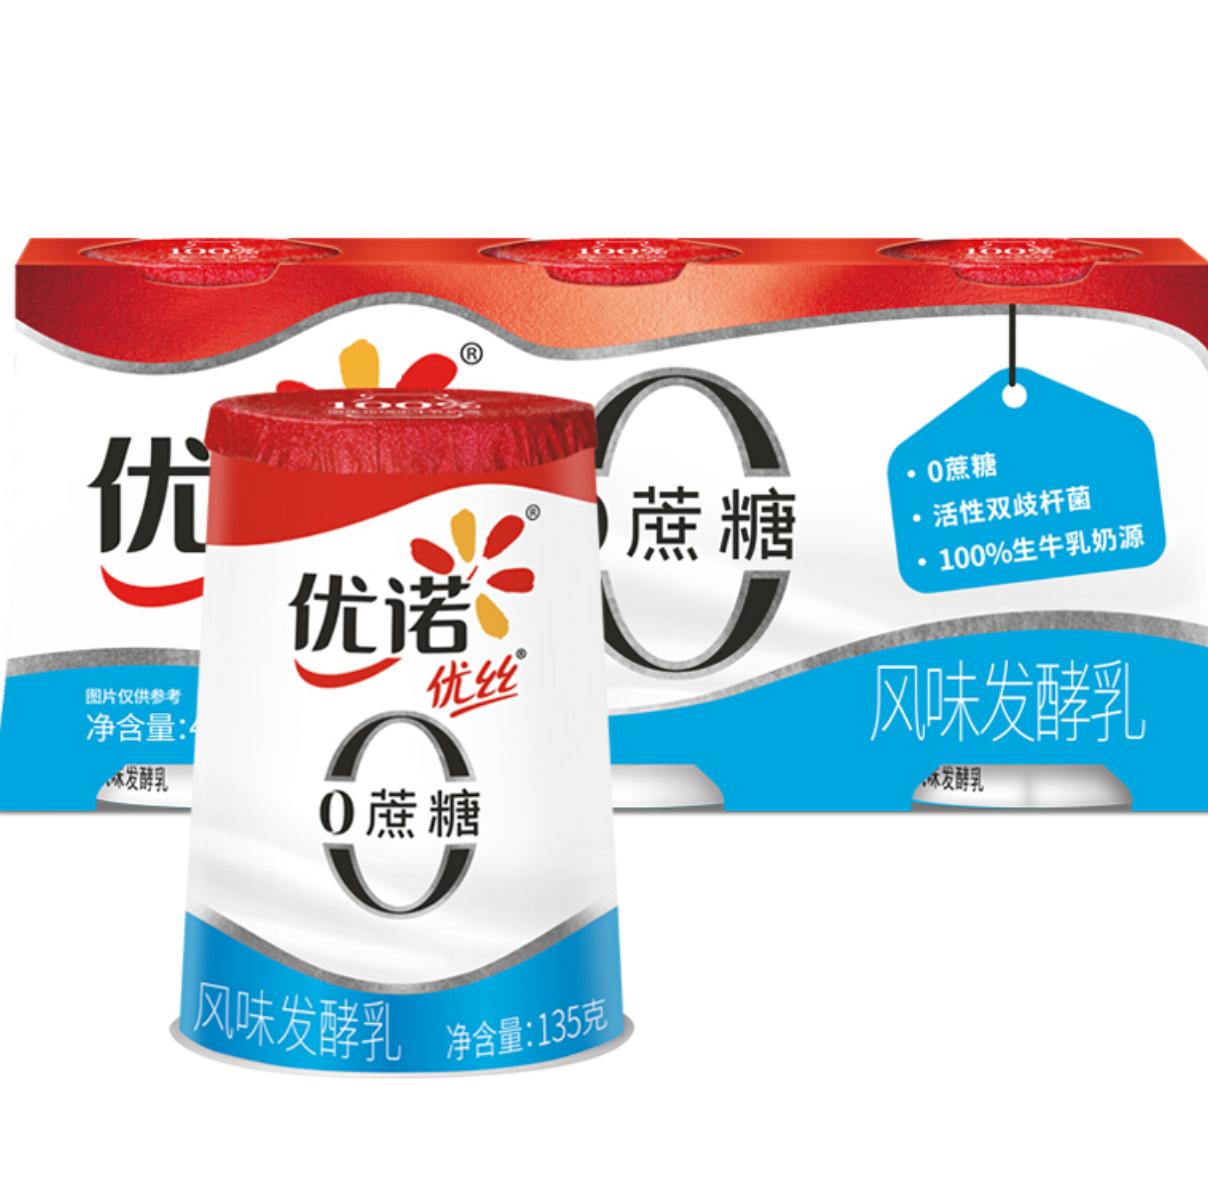 优诺 0蔗糖零添加糖 原味酸奶 135g*3杯